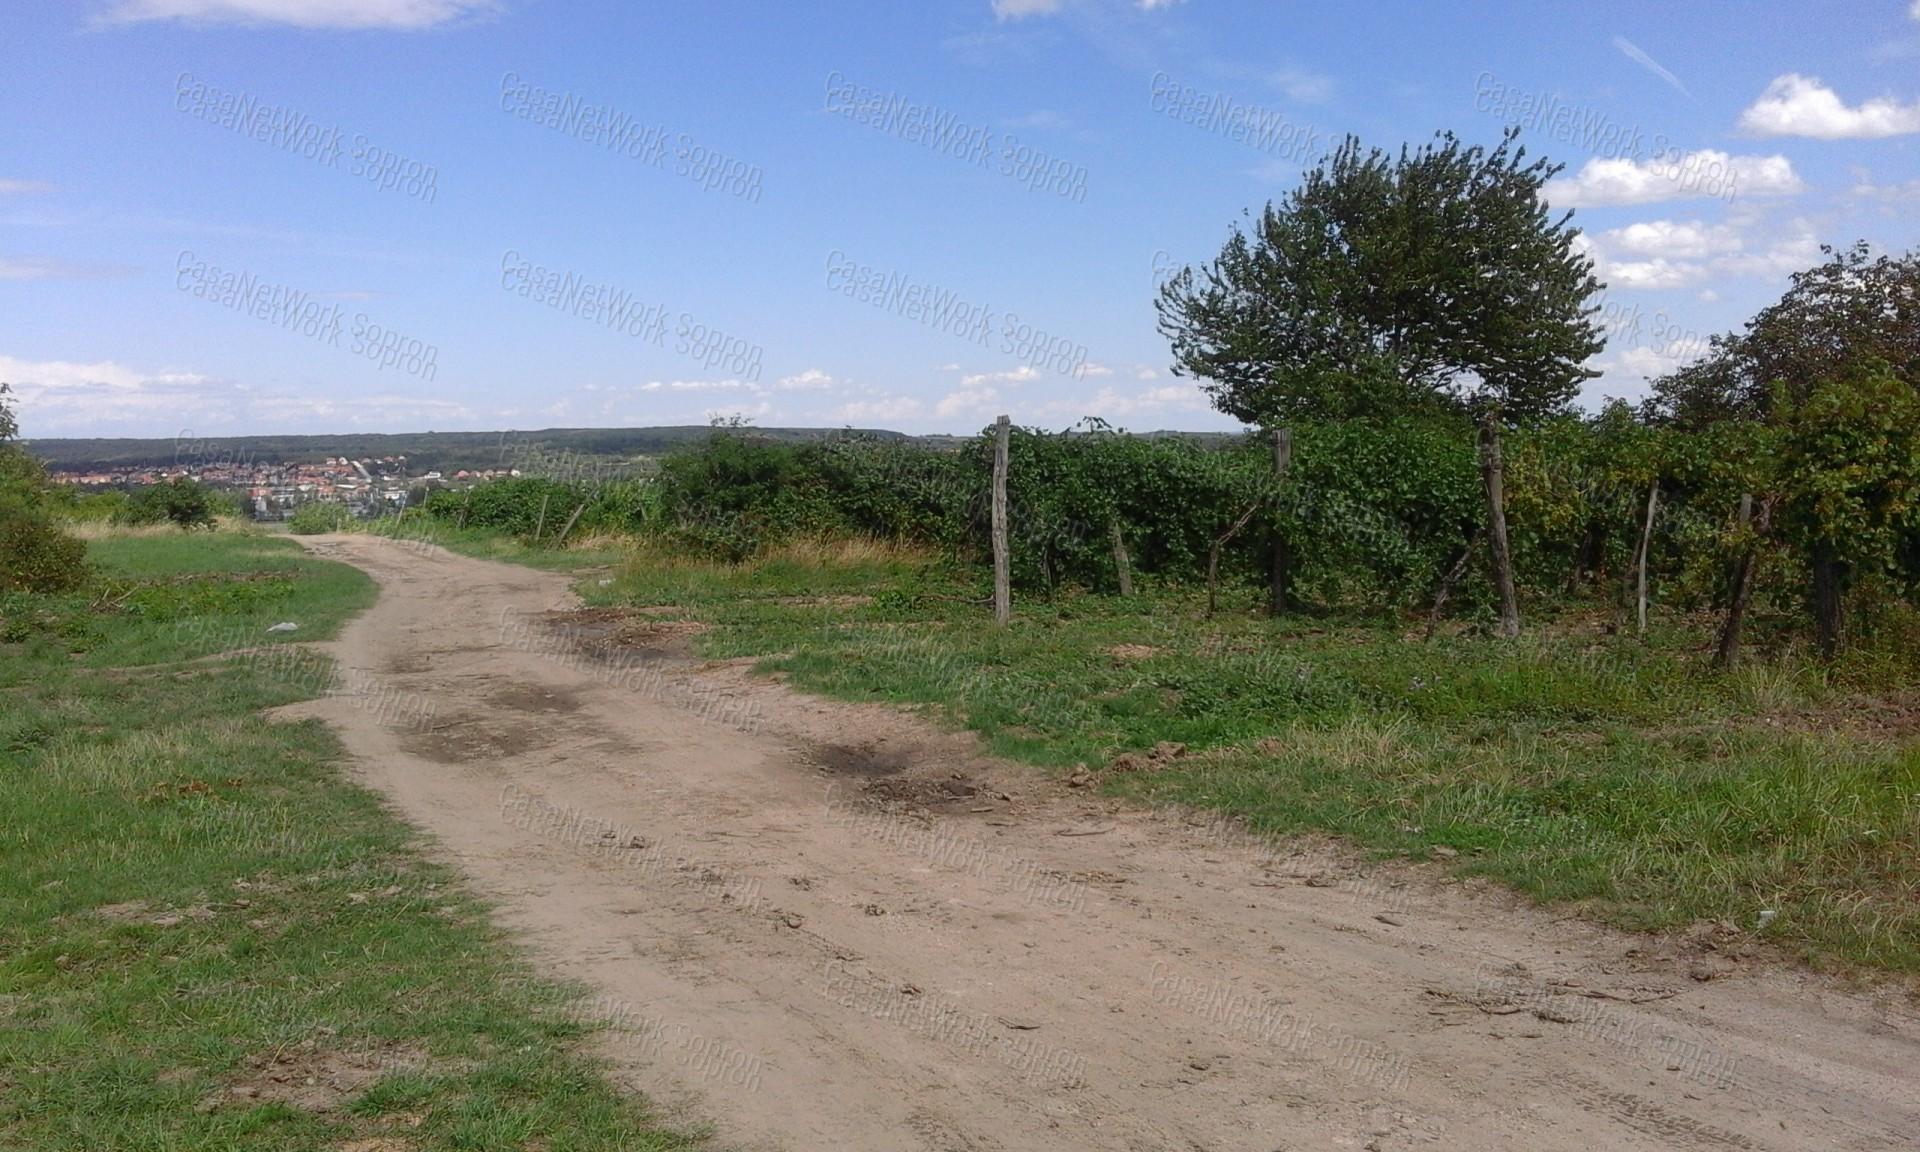 Eladó mezőgazdasági terület, Győr-Moson-Sopron megye, Fertőrákos - sz.: 164301340 - CasaNetWork.hu